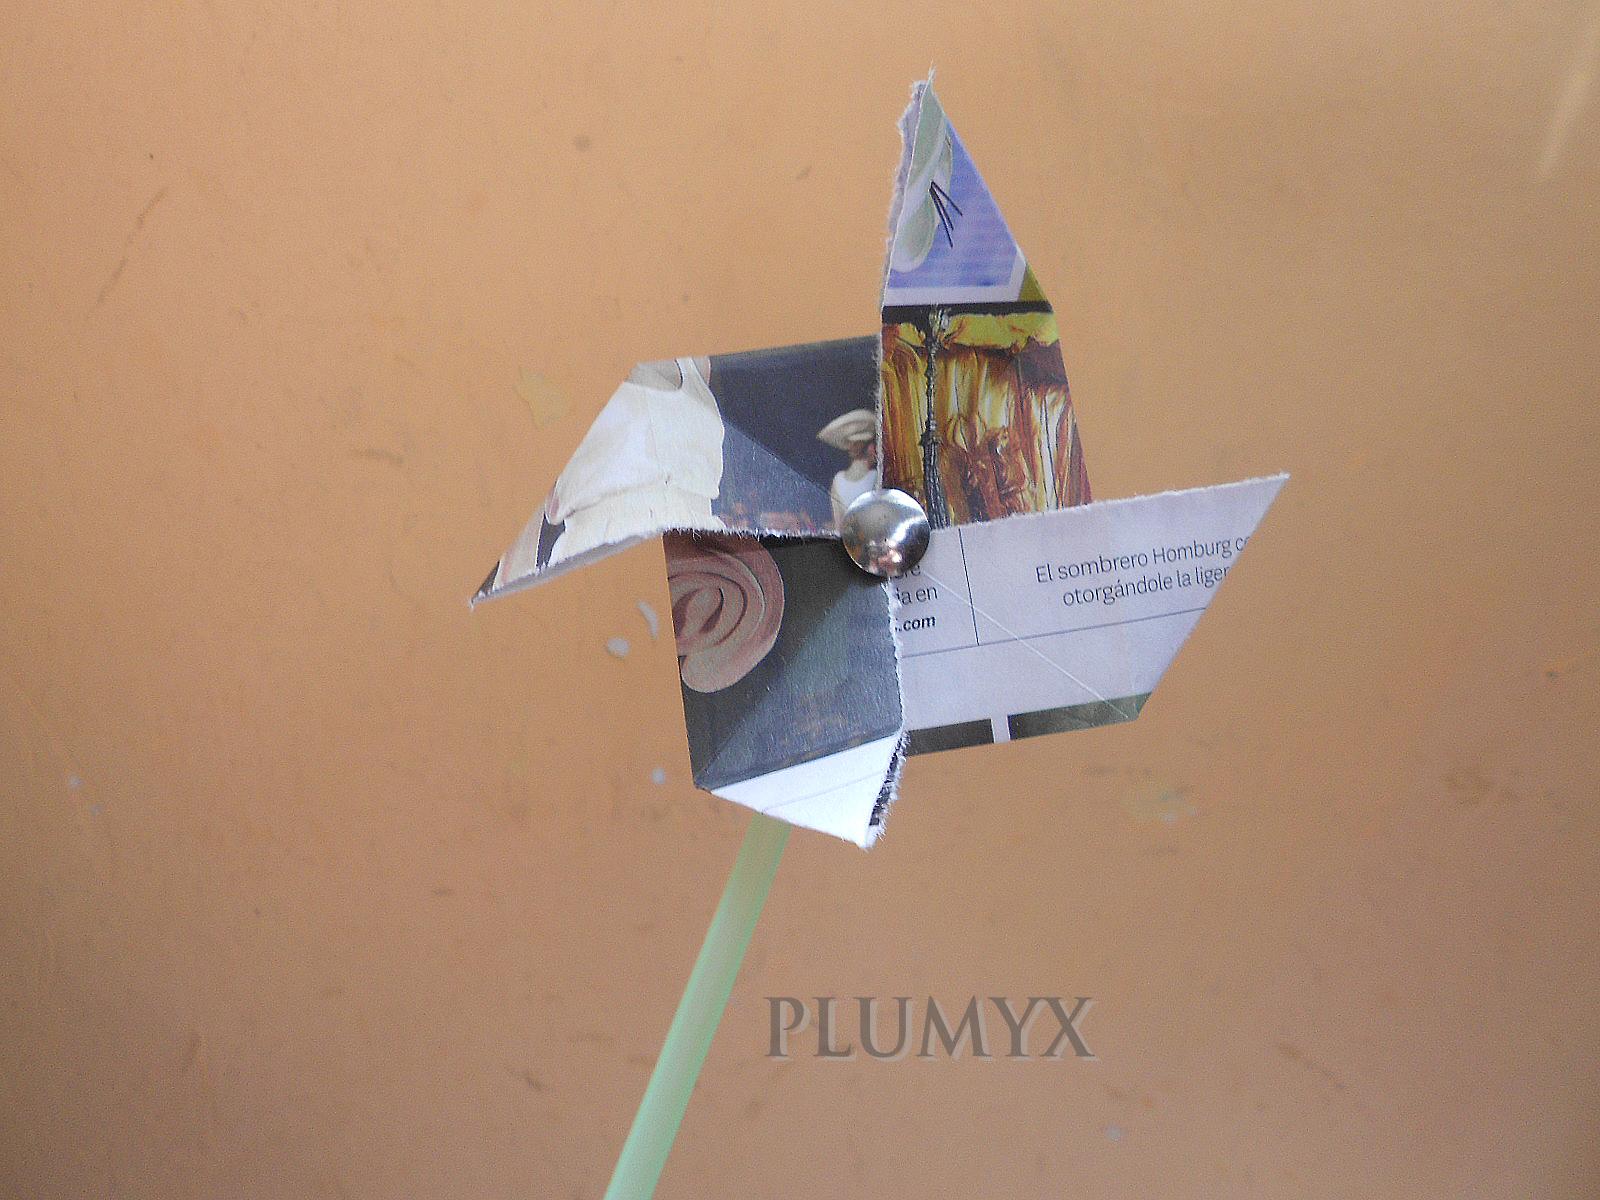 Molinillo o molino de papel plumyx for Piscina un molino de viento y una sombrilla